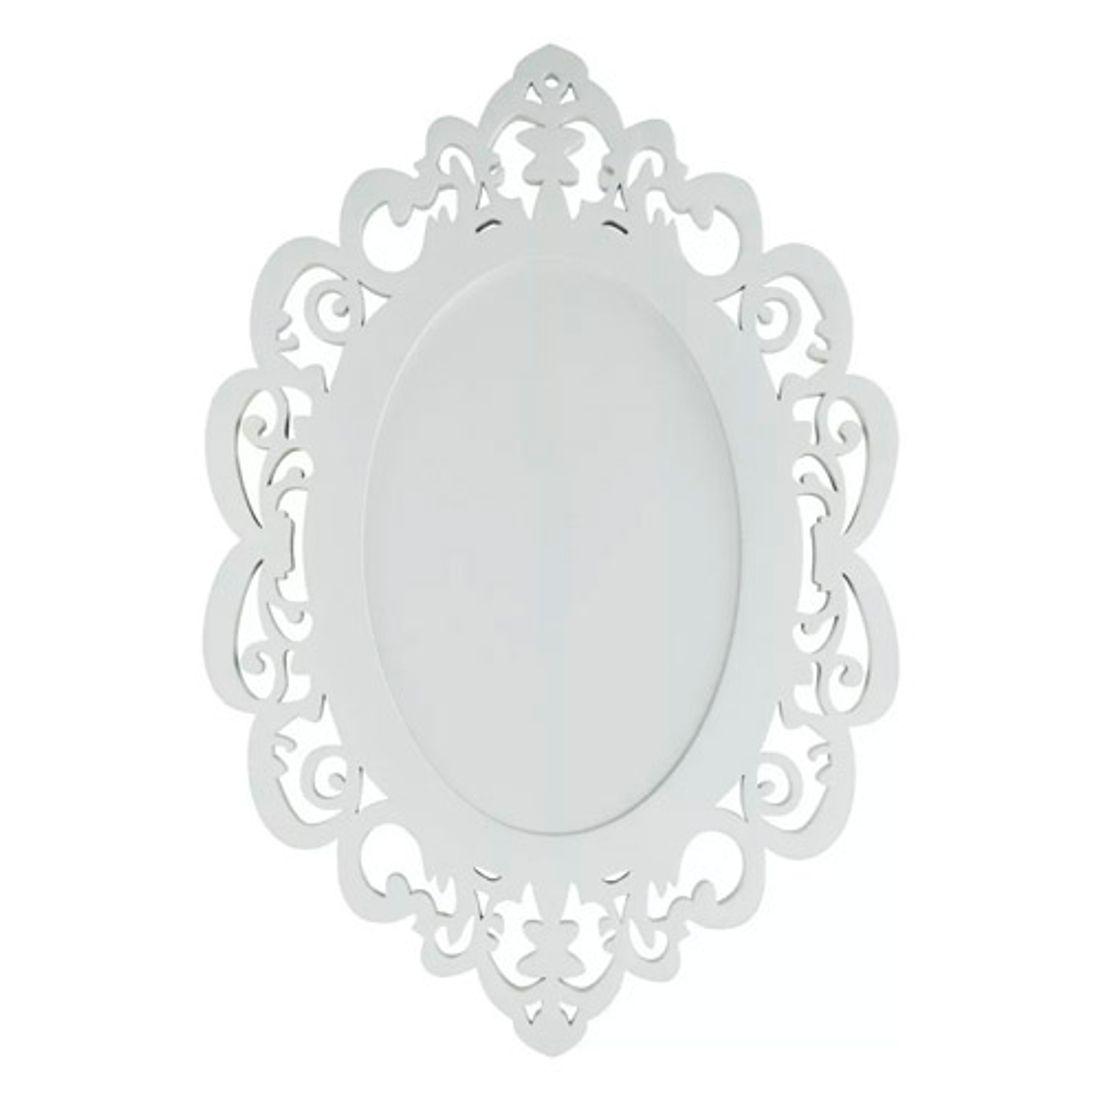 Quadro-Moldura-Arabesco-para-Espelho-Pintado-G-60x45